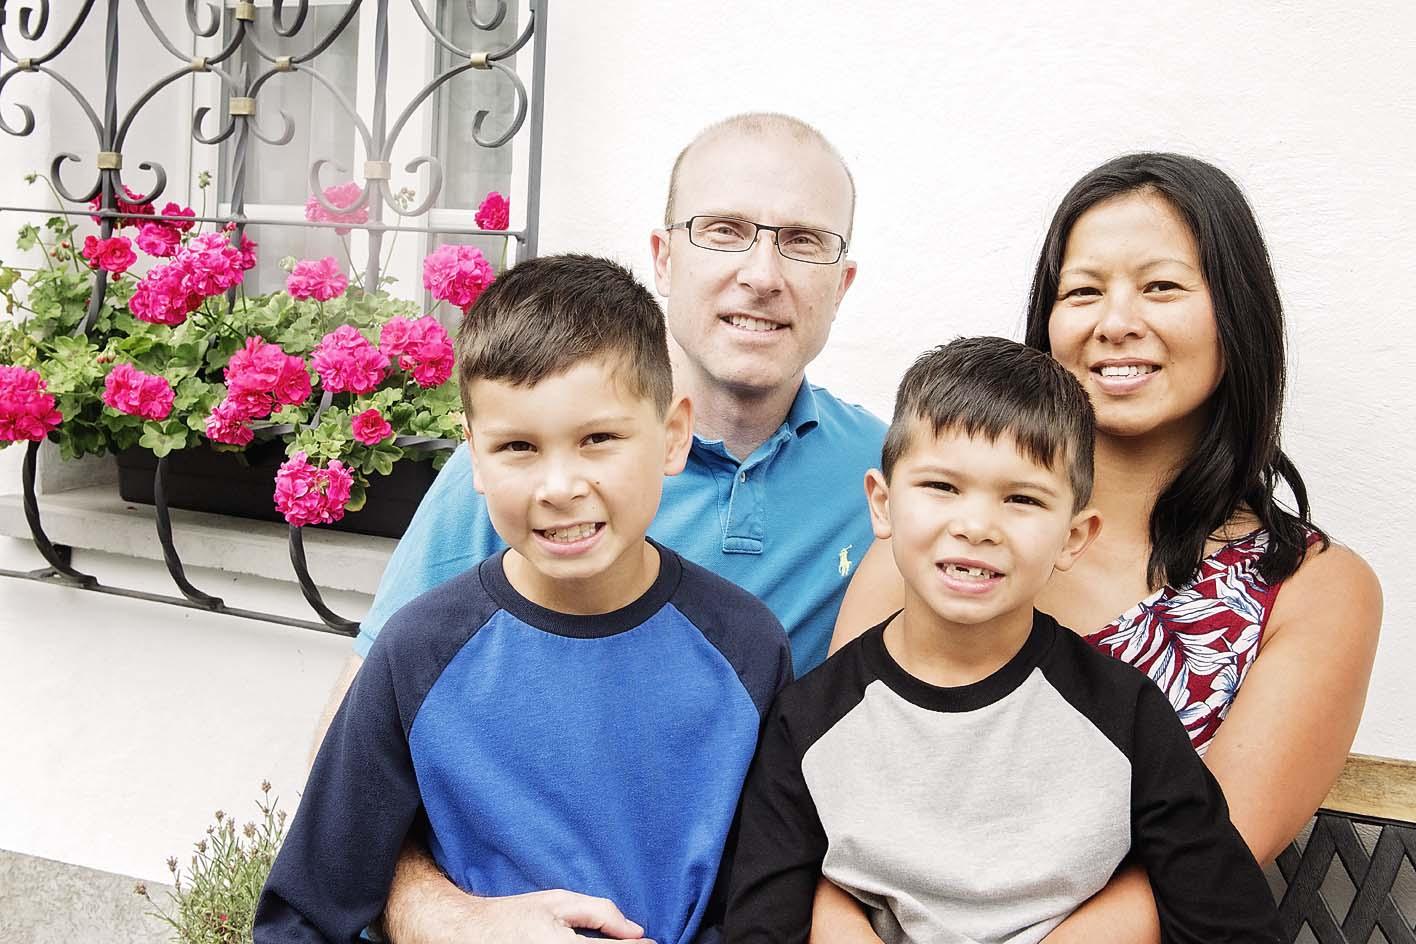 Canadian family photo-shoot